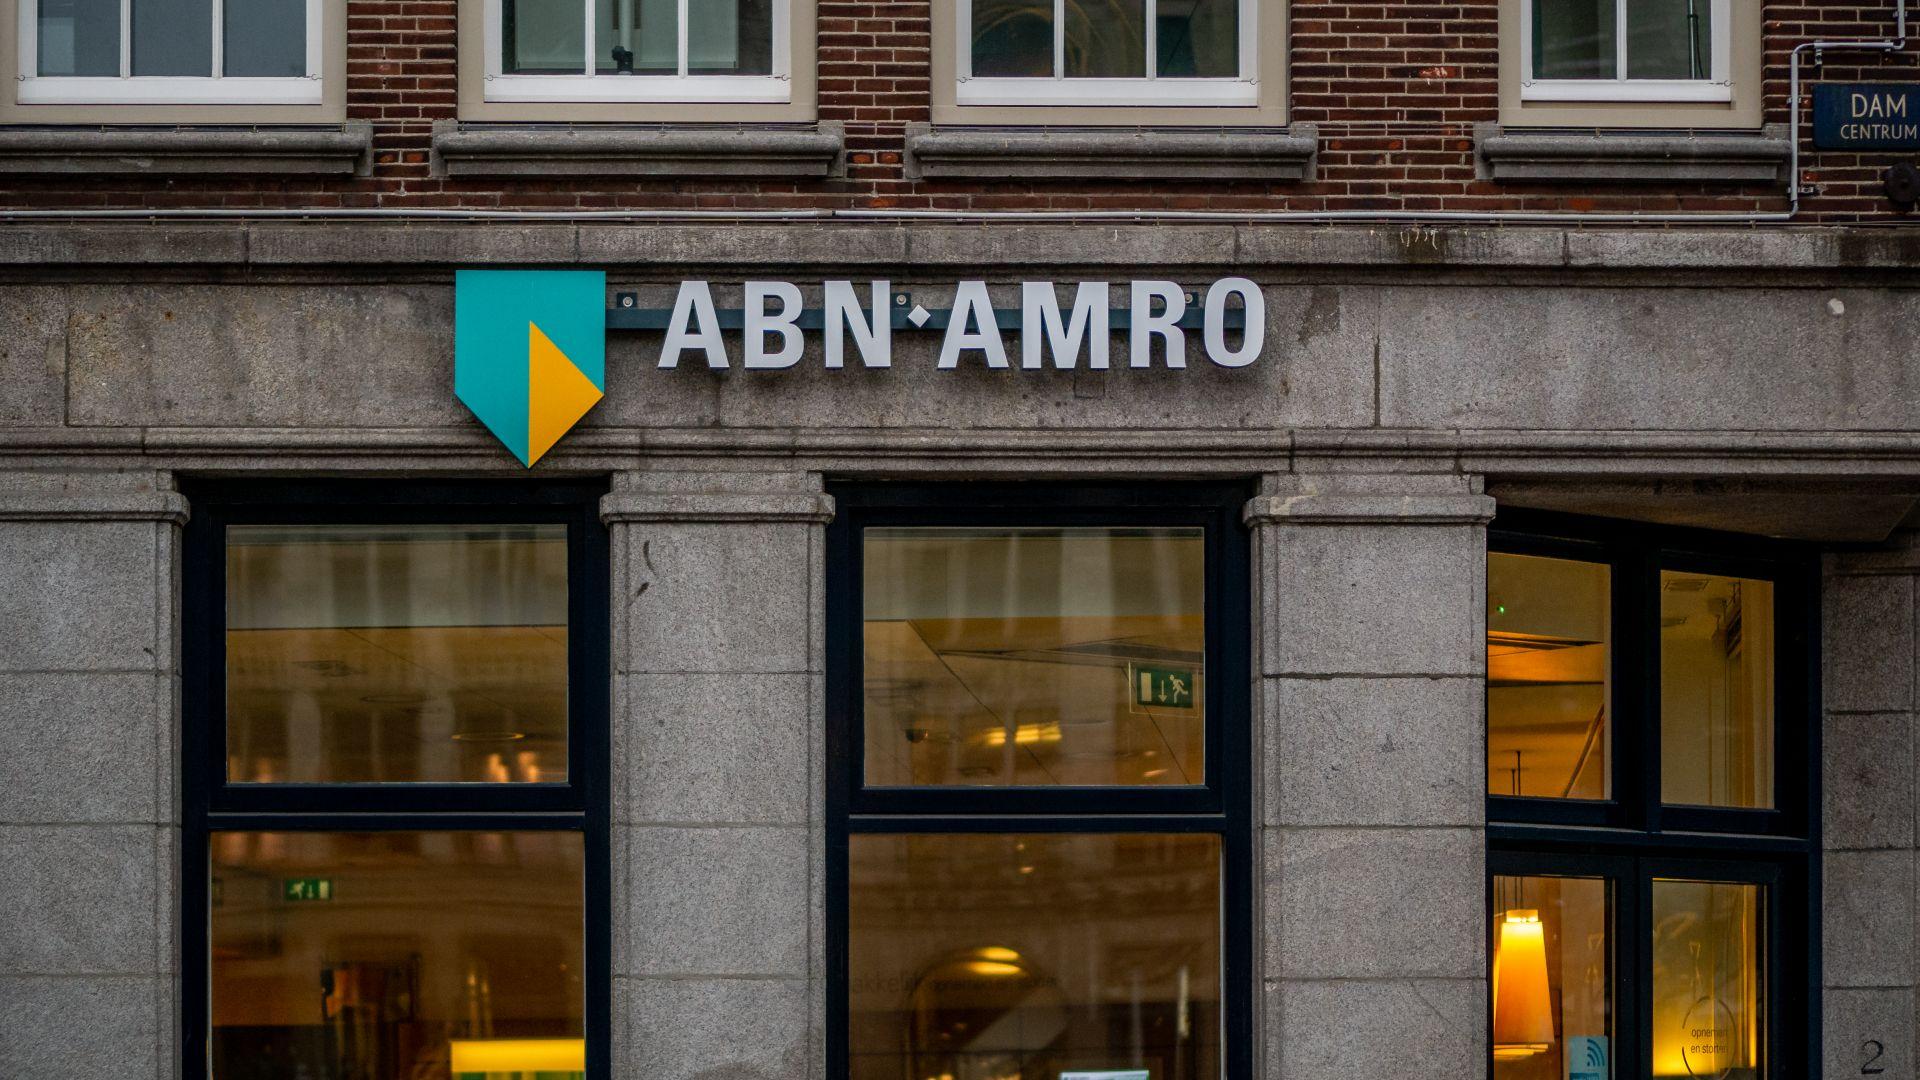 Една от най-големите банки в Нидерландия проверява историята си заради дебата за расизма